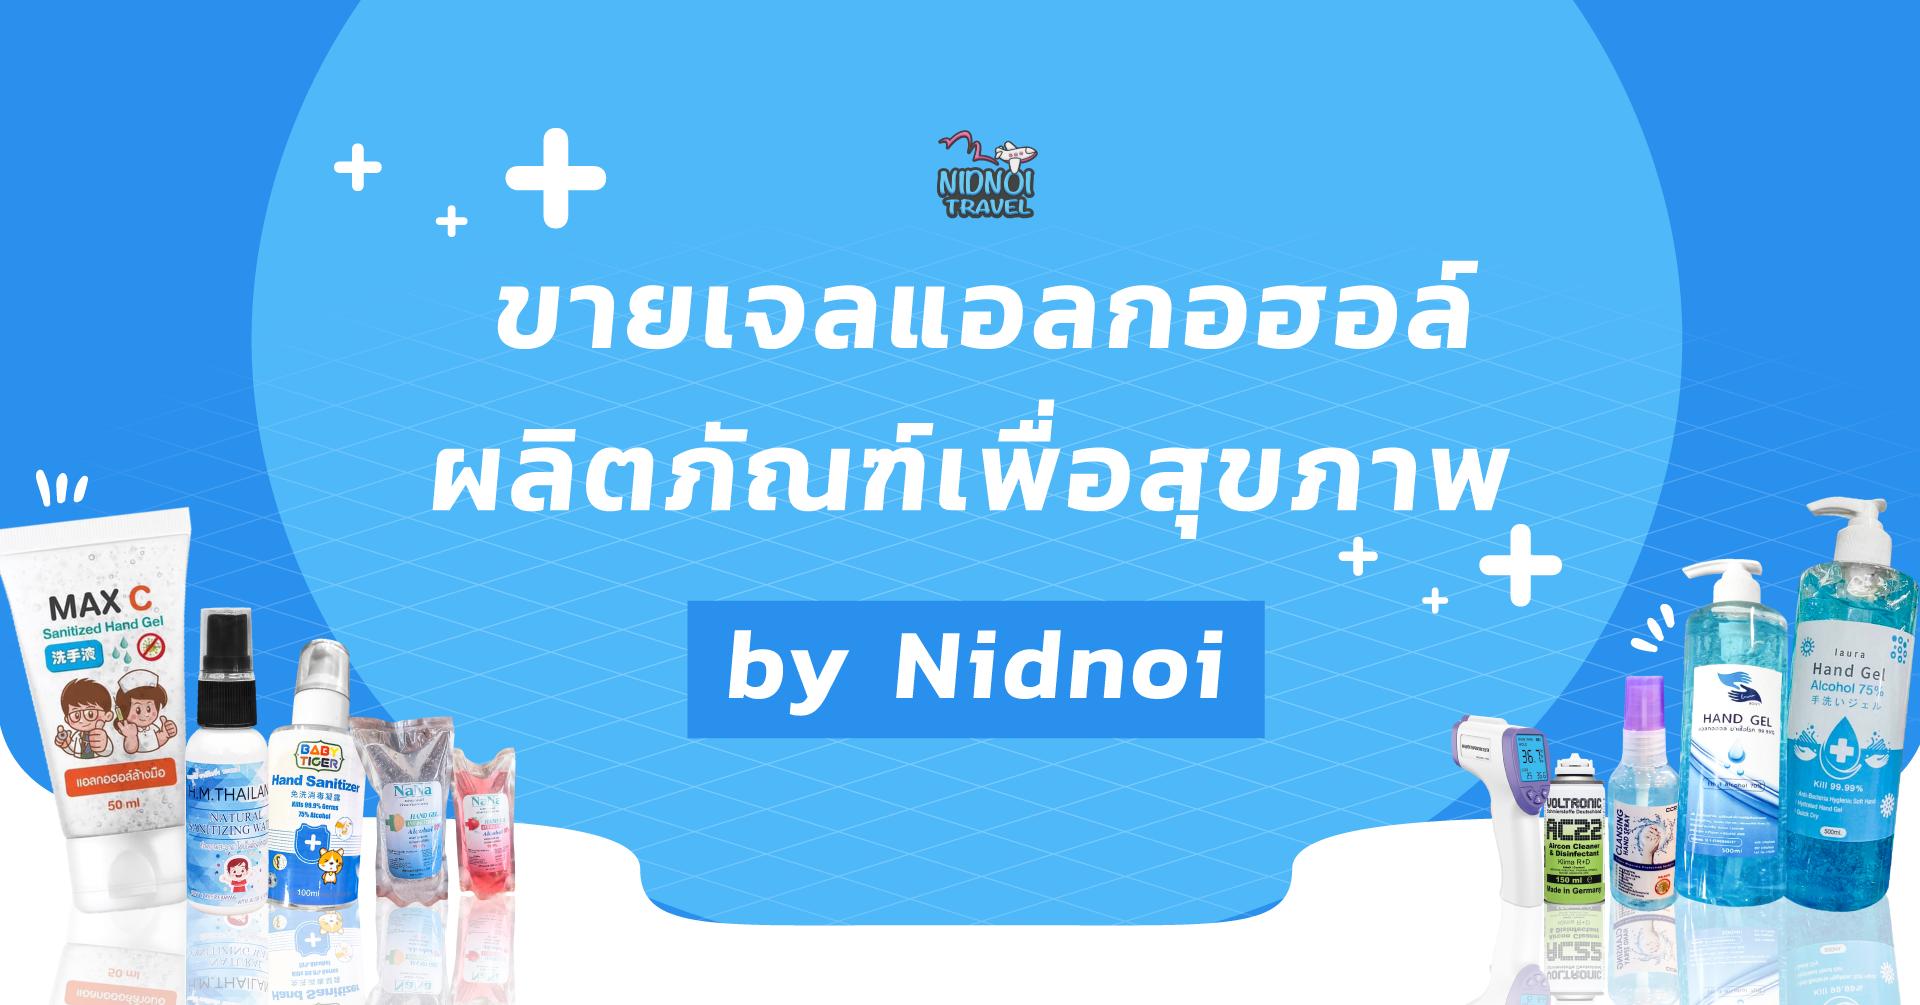 ขายเจลแอลกอฮอล์ ผลิตภัณฑ์เพื่อสุขภาพ by Nidnoi